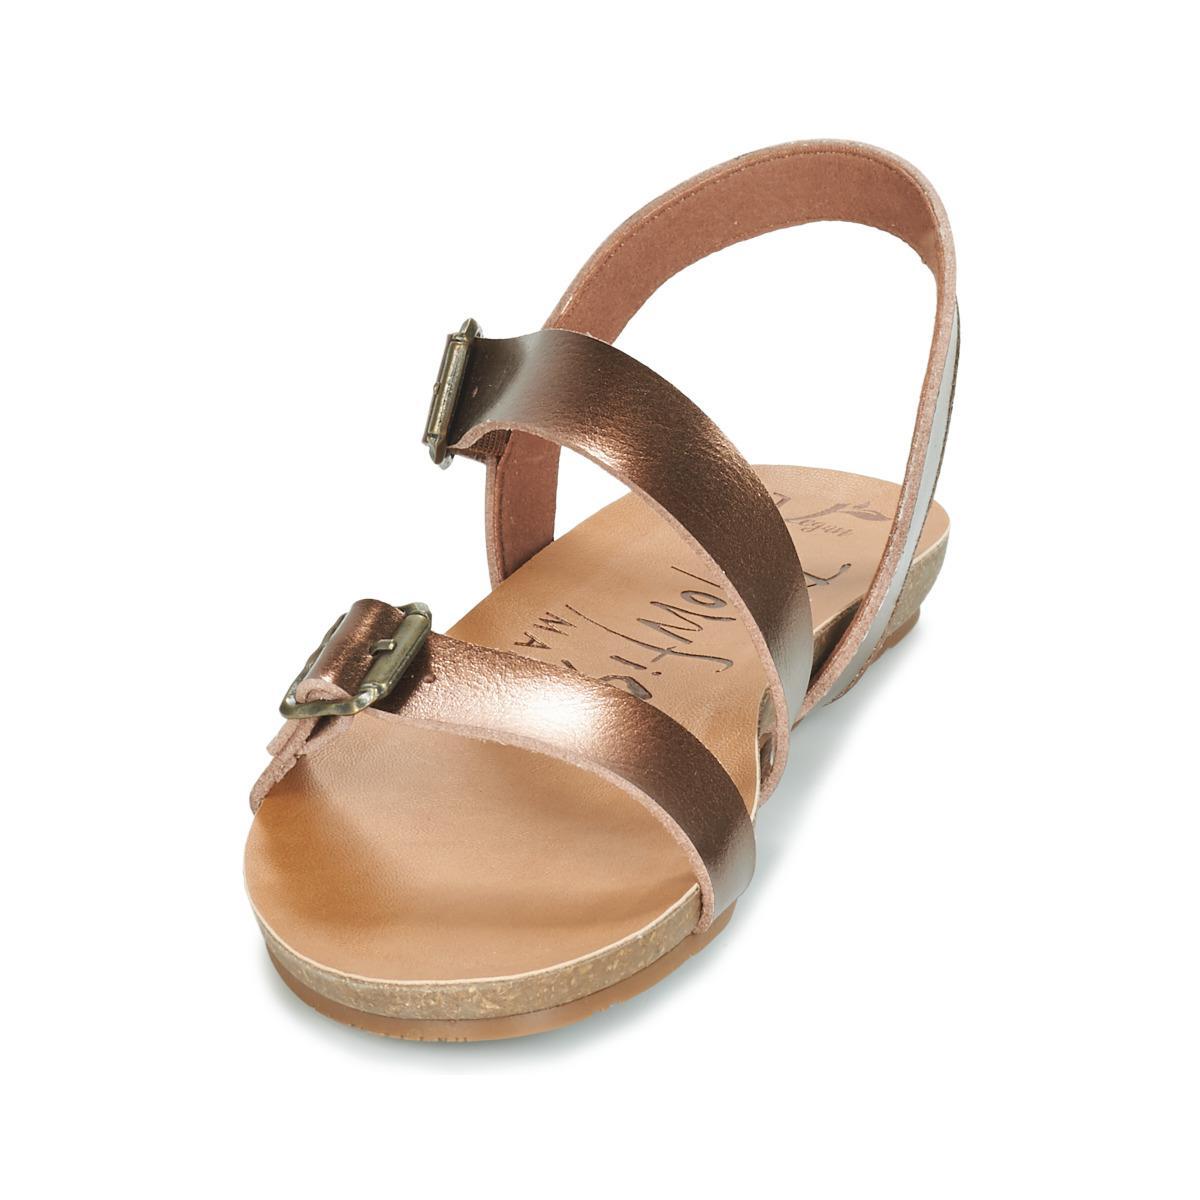 0f0a0c8996f Blowfish Malibu - Metallic Gallup Women s Sandals In Gold - Lyst. View  fullscreen